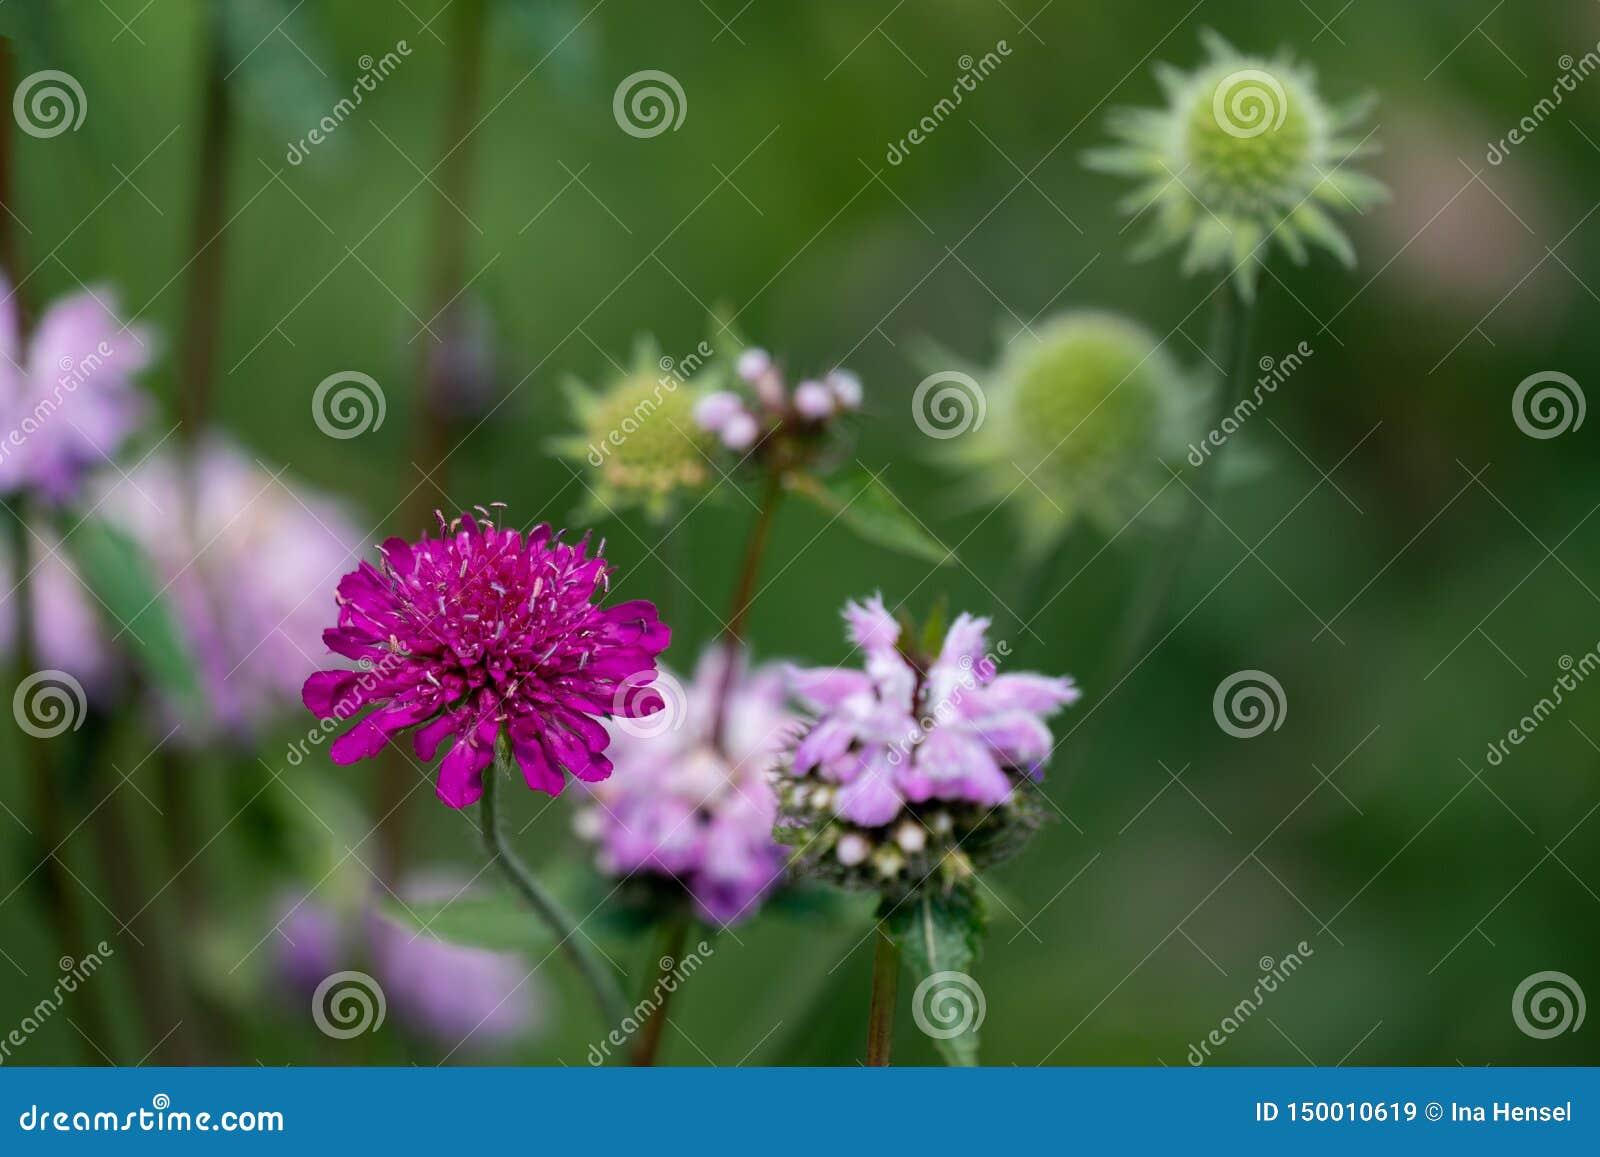 Sluit omhoog van een purpere scabiosa, een roze netelbloem en groene zaadballen op de achtergrond